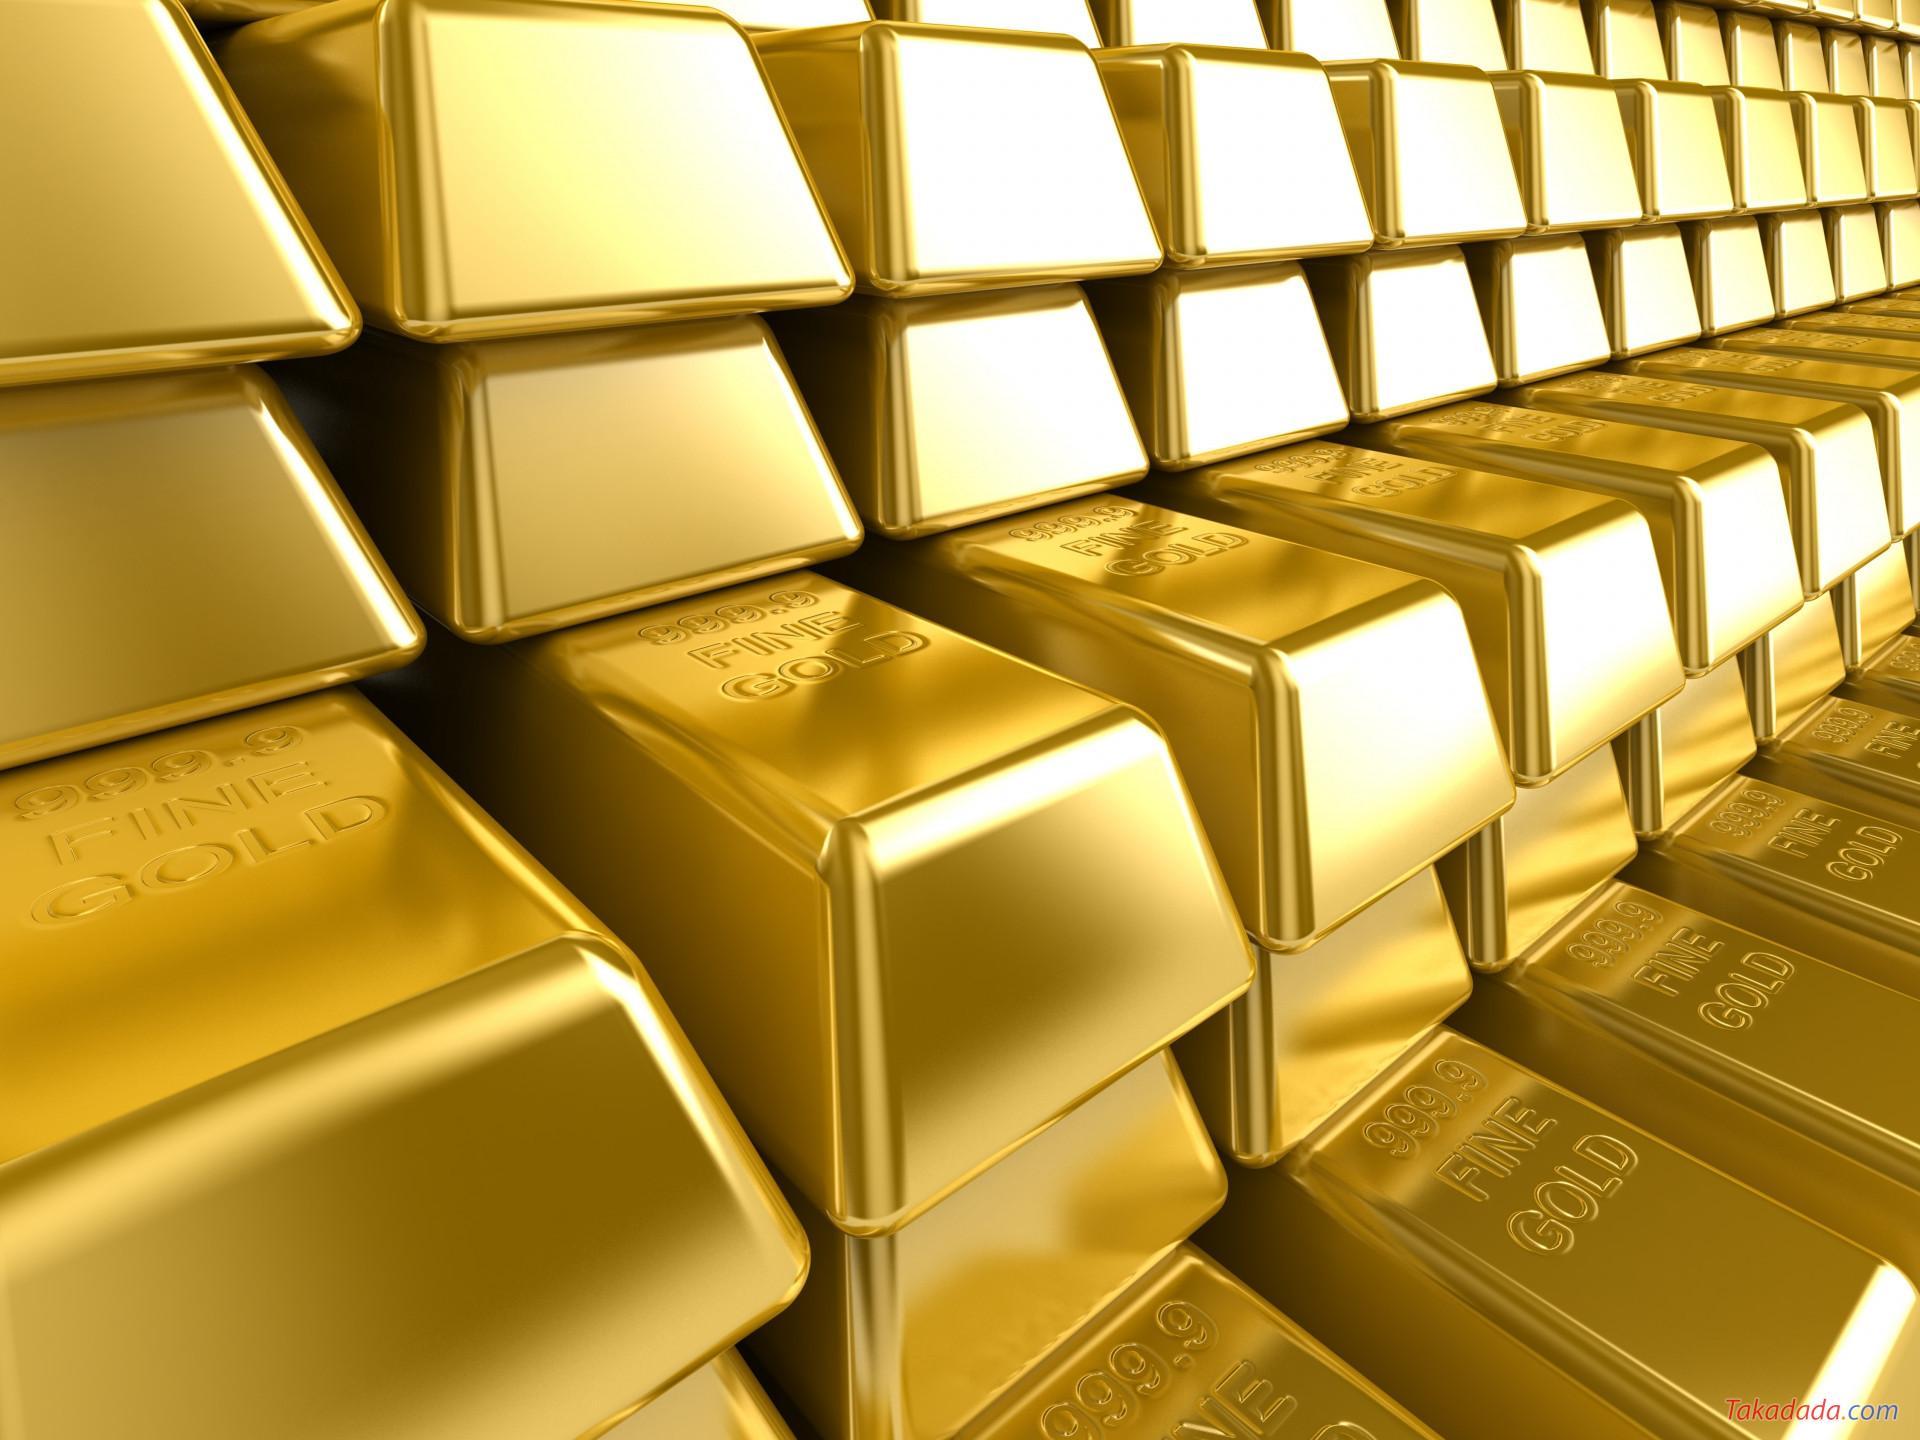 Vàng tiếp tục bị bán tháo trong phiên giao dịch ngày 23.09